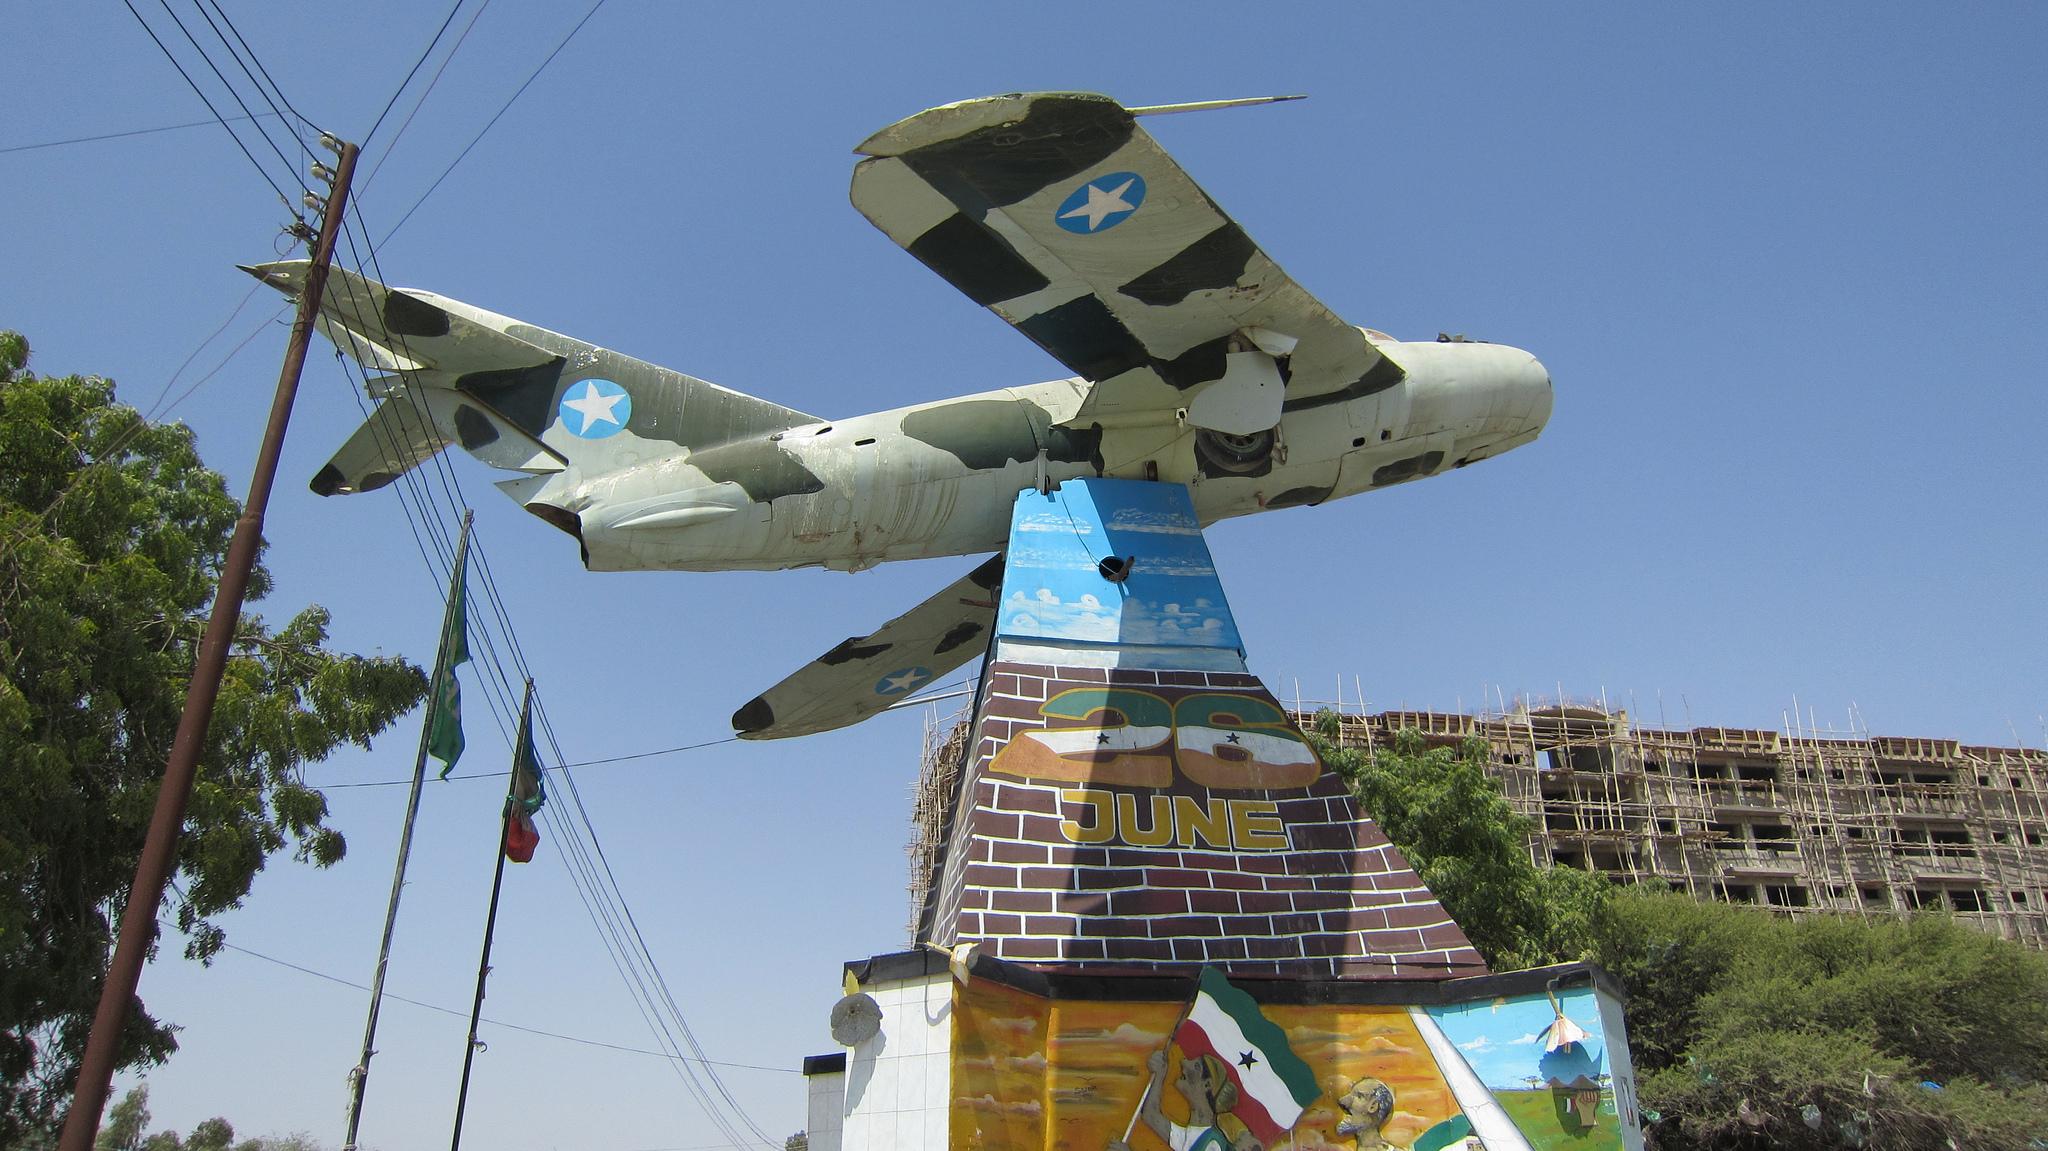 Aereo dell'esercito somalo abbattuto negli anni '90 dalla contraerea del Somaliland e da allora diventato monumento, Hargeisa (Credits: G-ARPO/ Flickr)